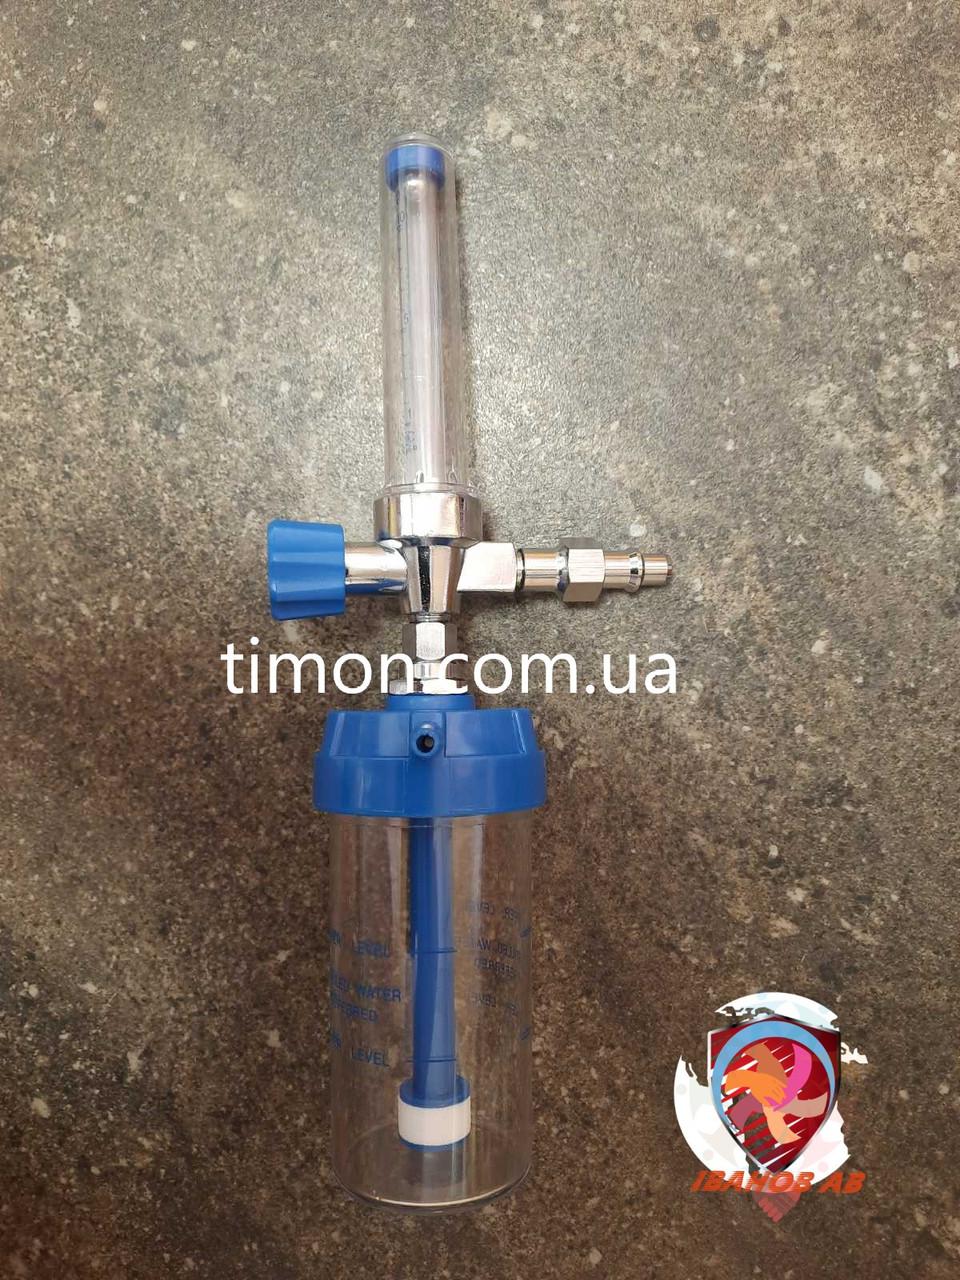 Флоуметр с расходометром (увлажнитель кислорода), под соединение DIN